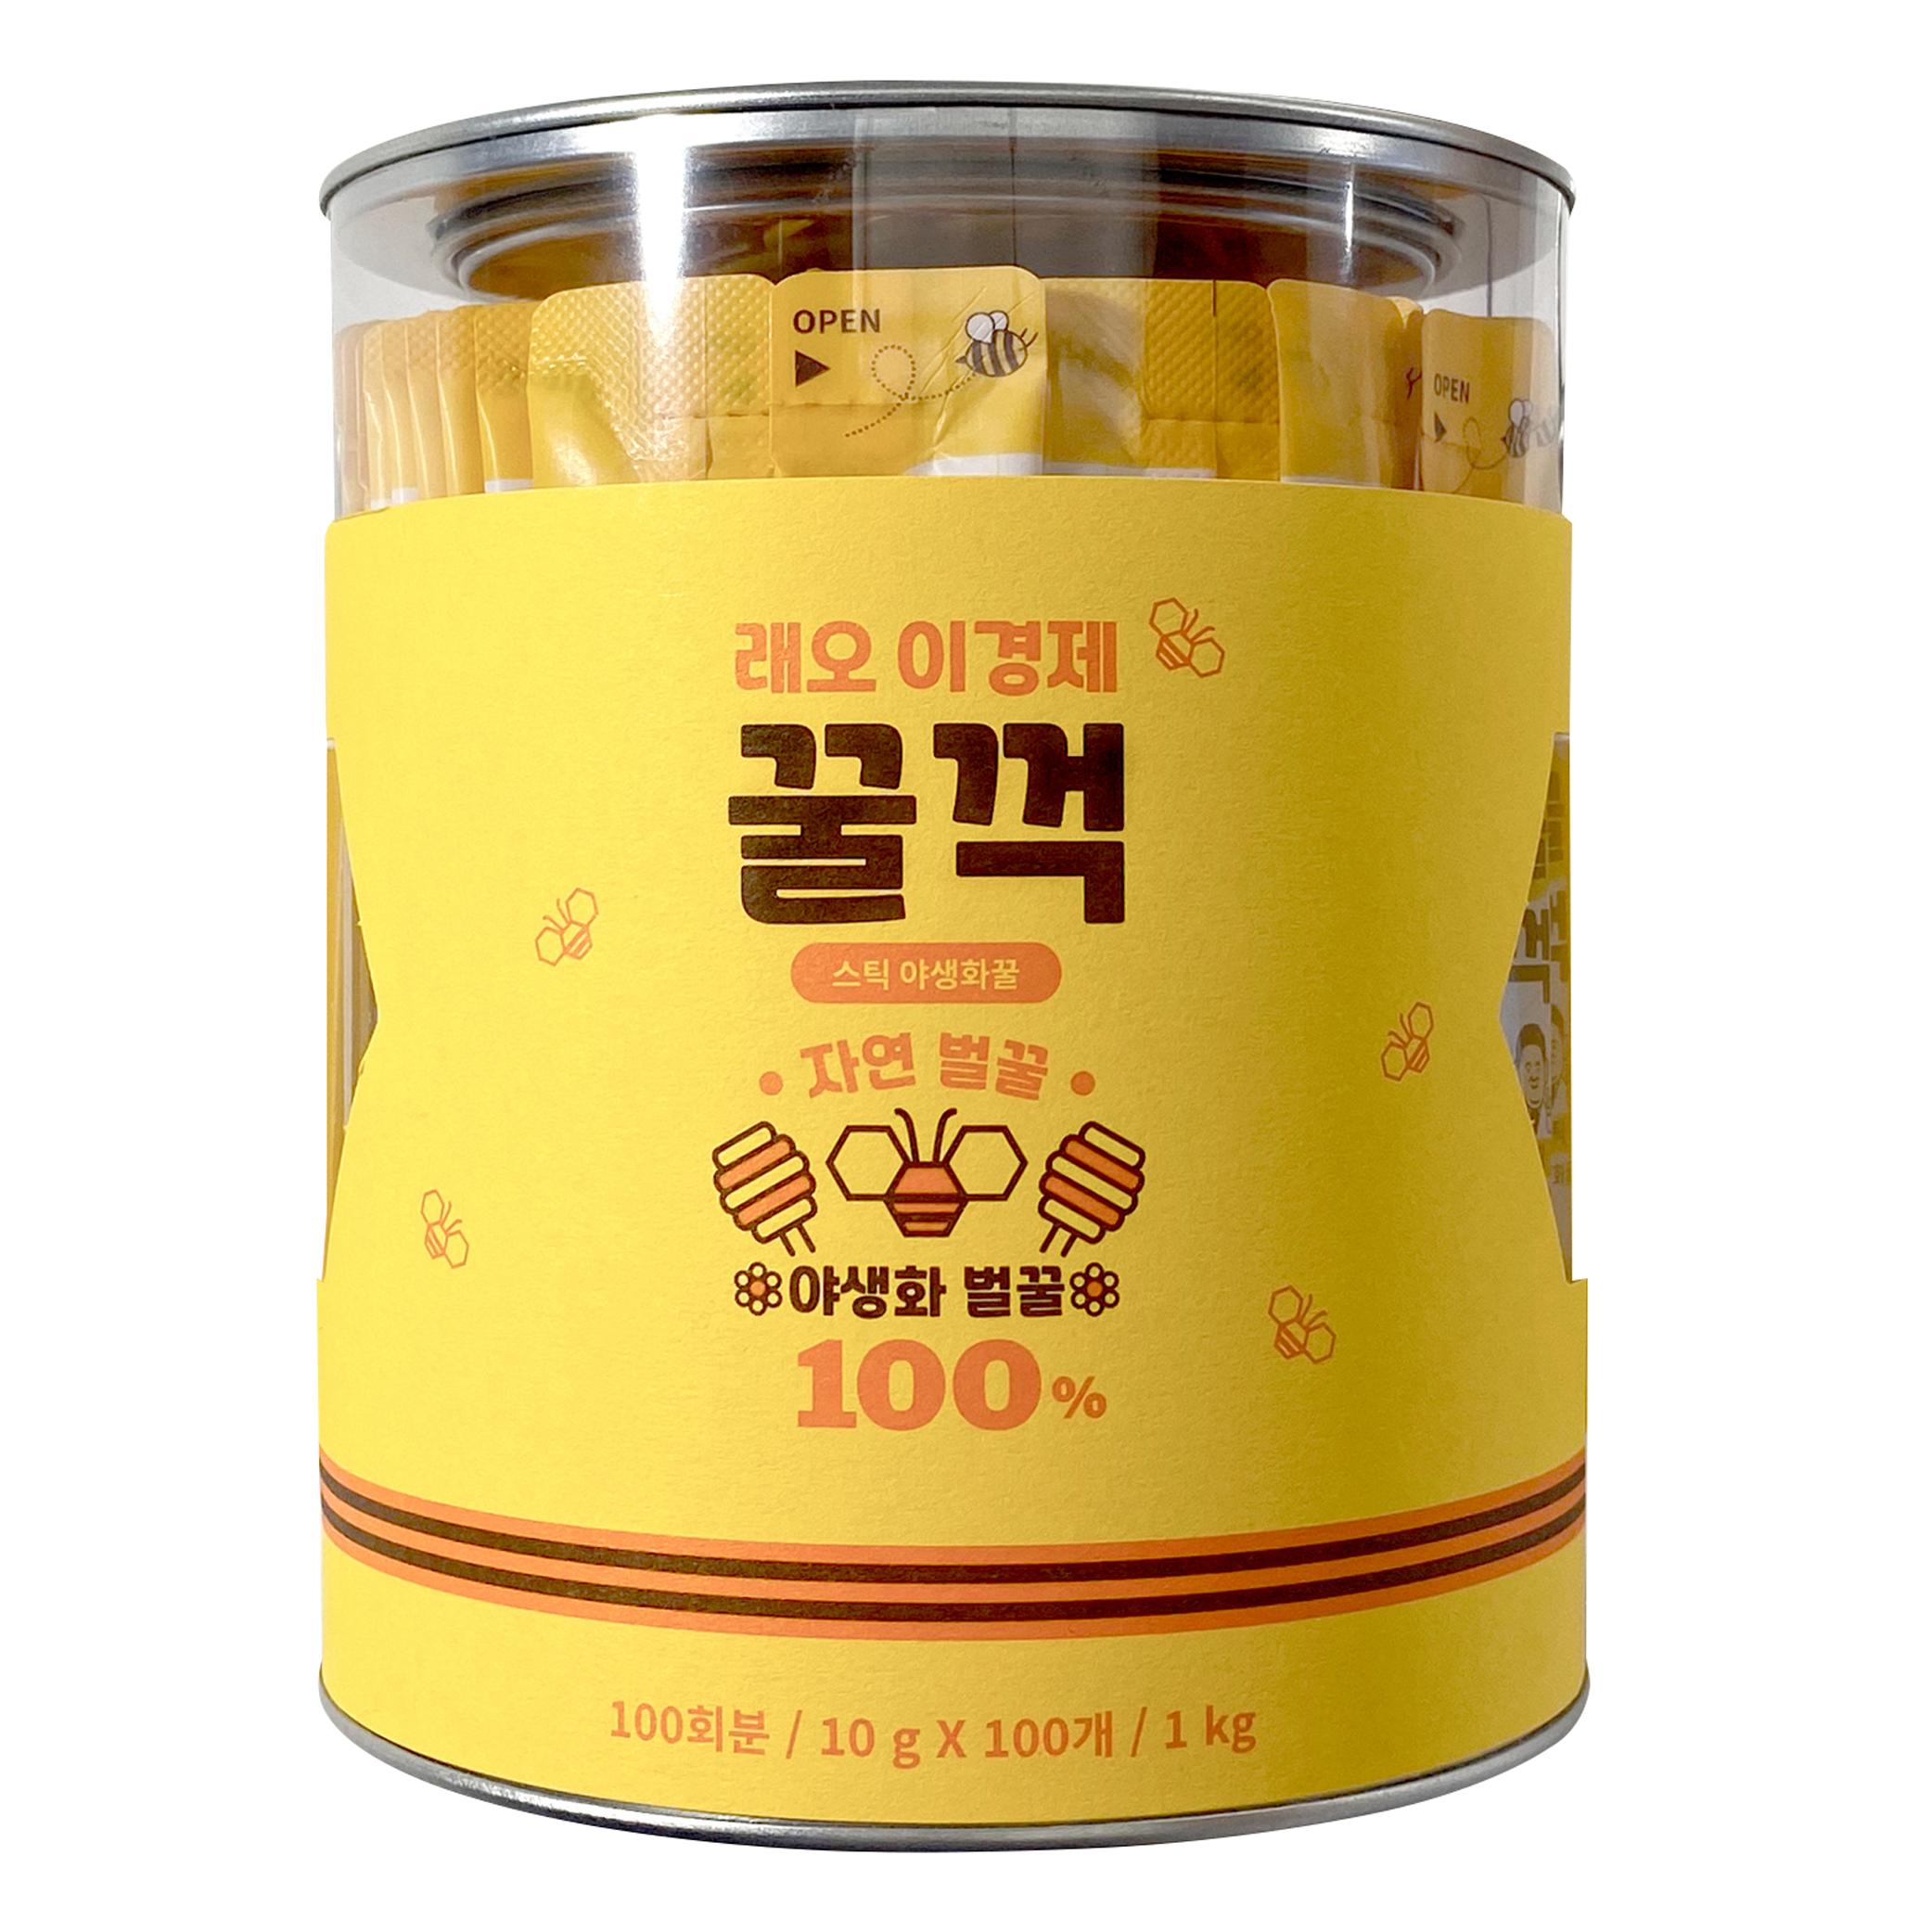 꿀꺽스틱 야생화 벌꿀 허니스틱, 10g, 100개